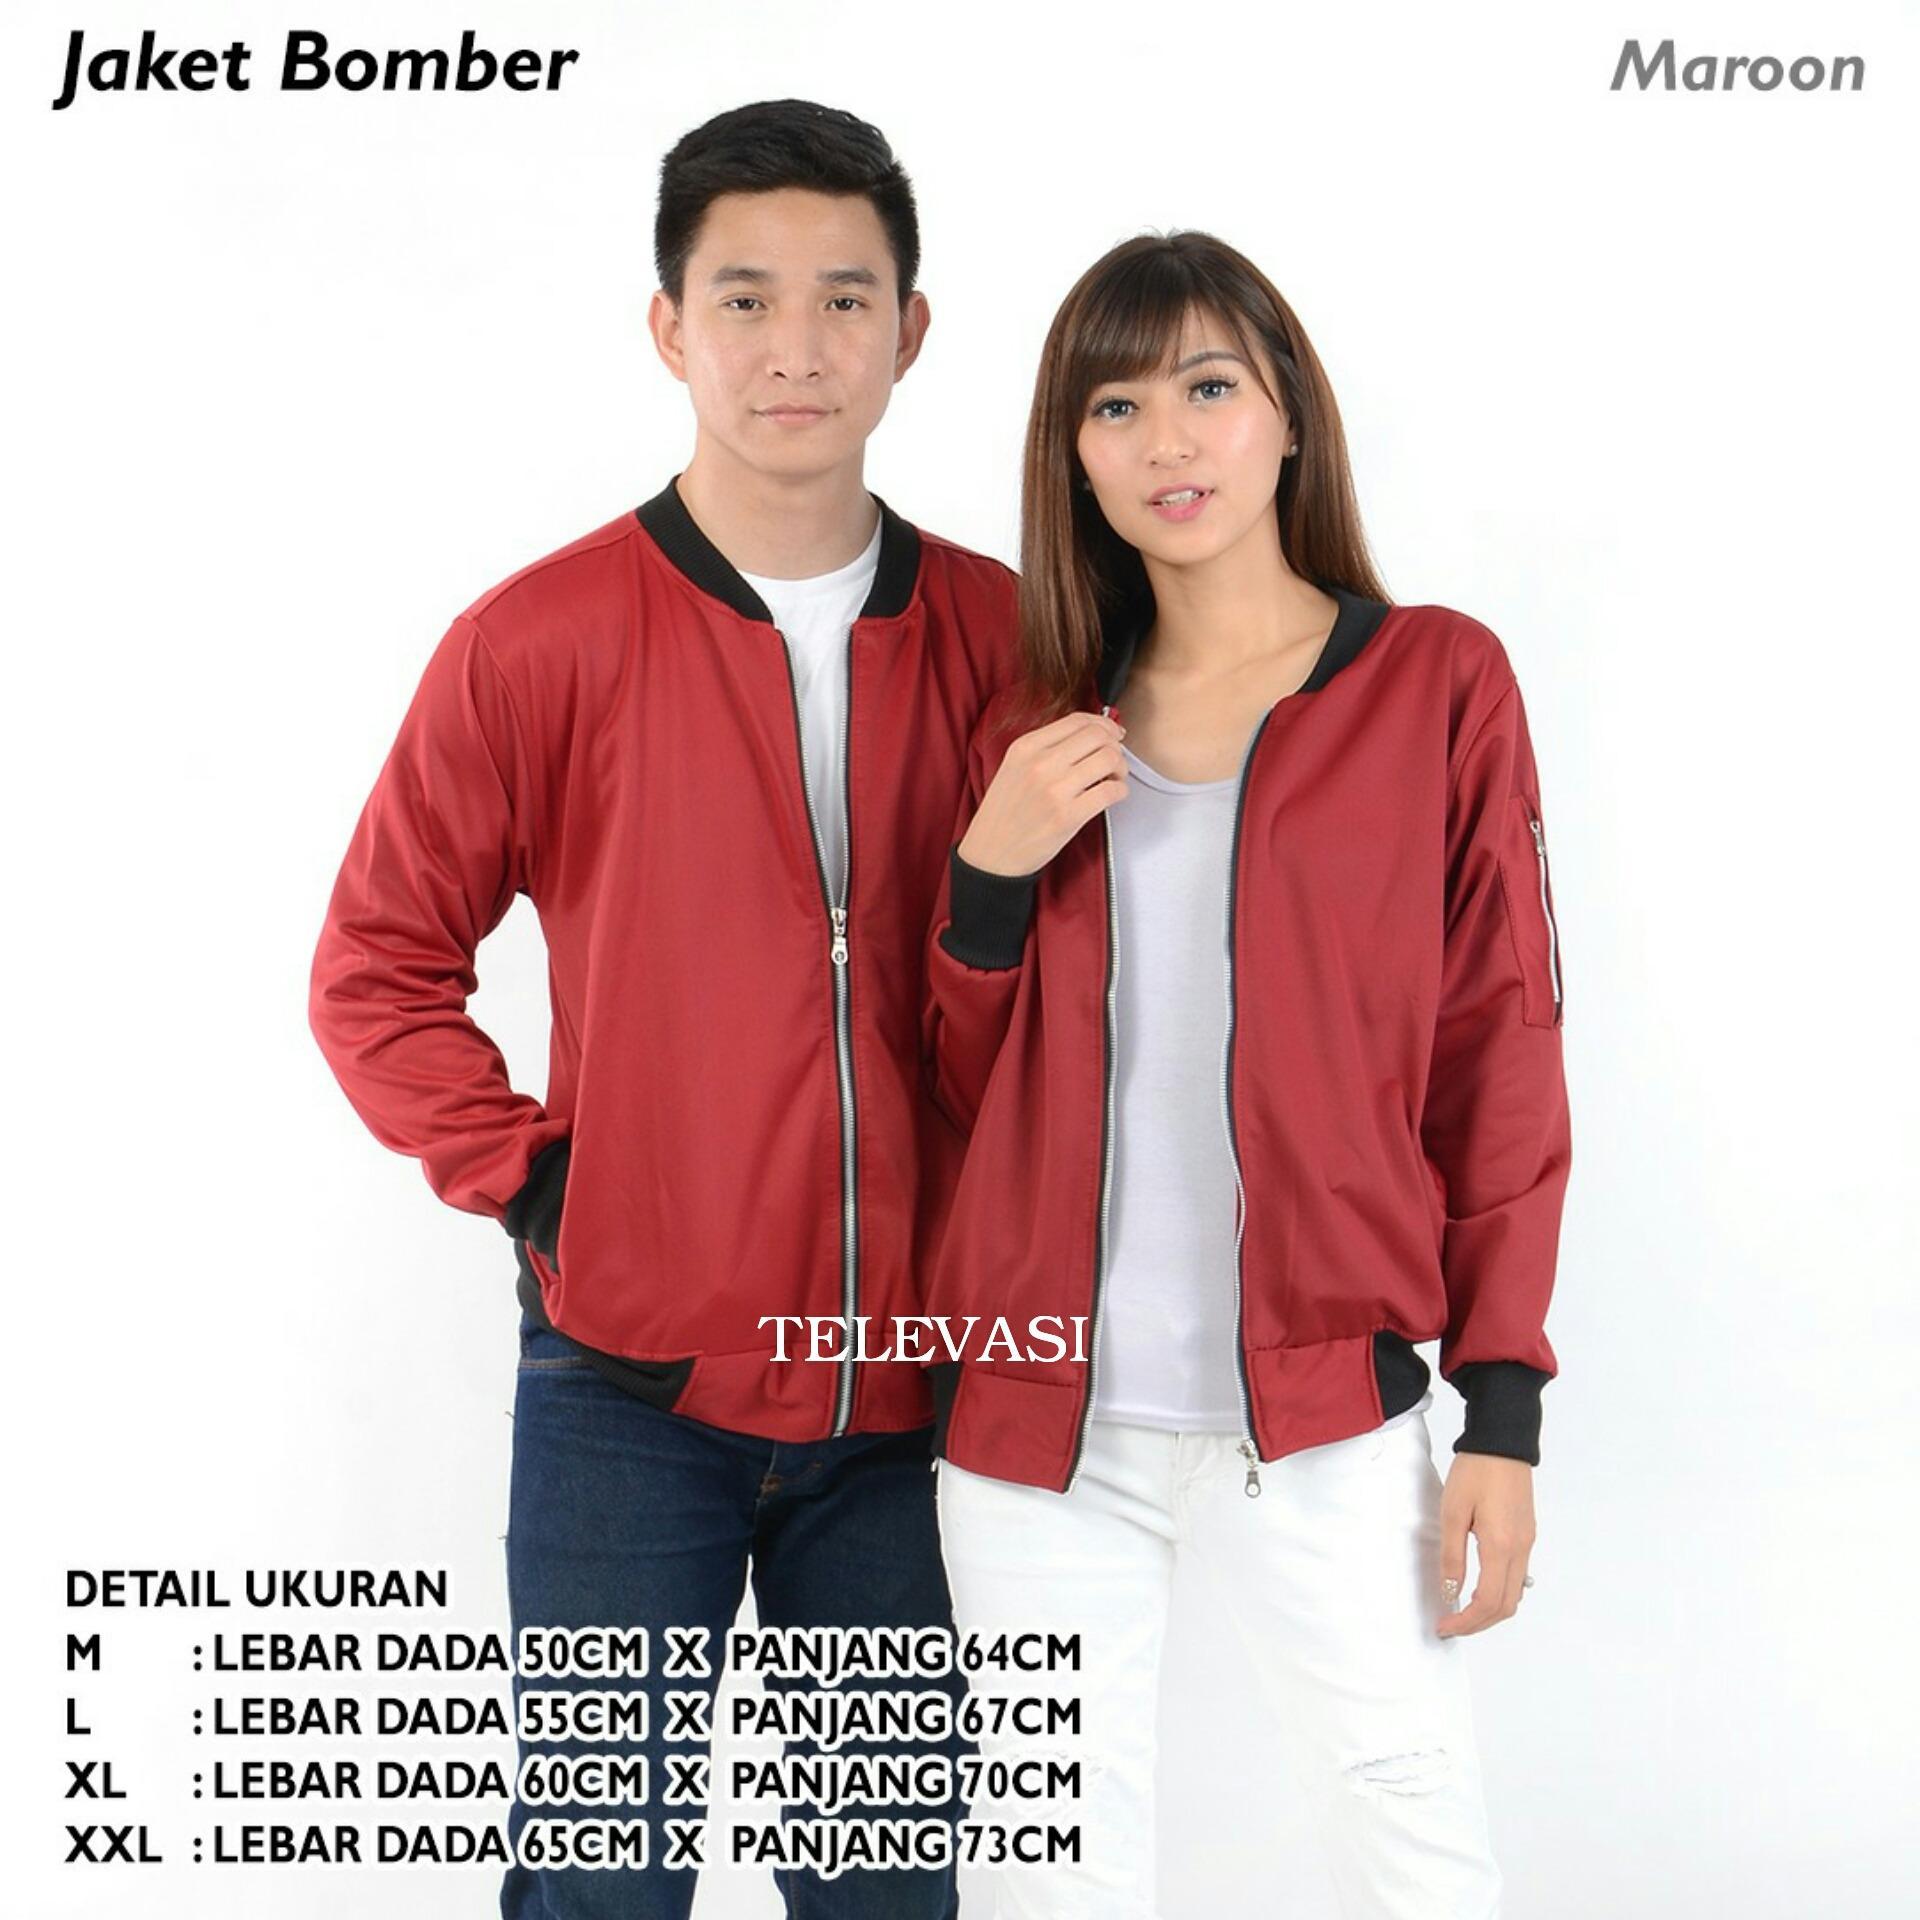 Kehebatan Jaket Bomber Populer Plus Emblem Maroon Size Xl Dan Harga Wanita Televasi M Xxl Pria